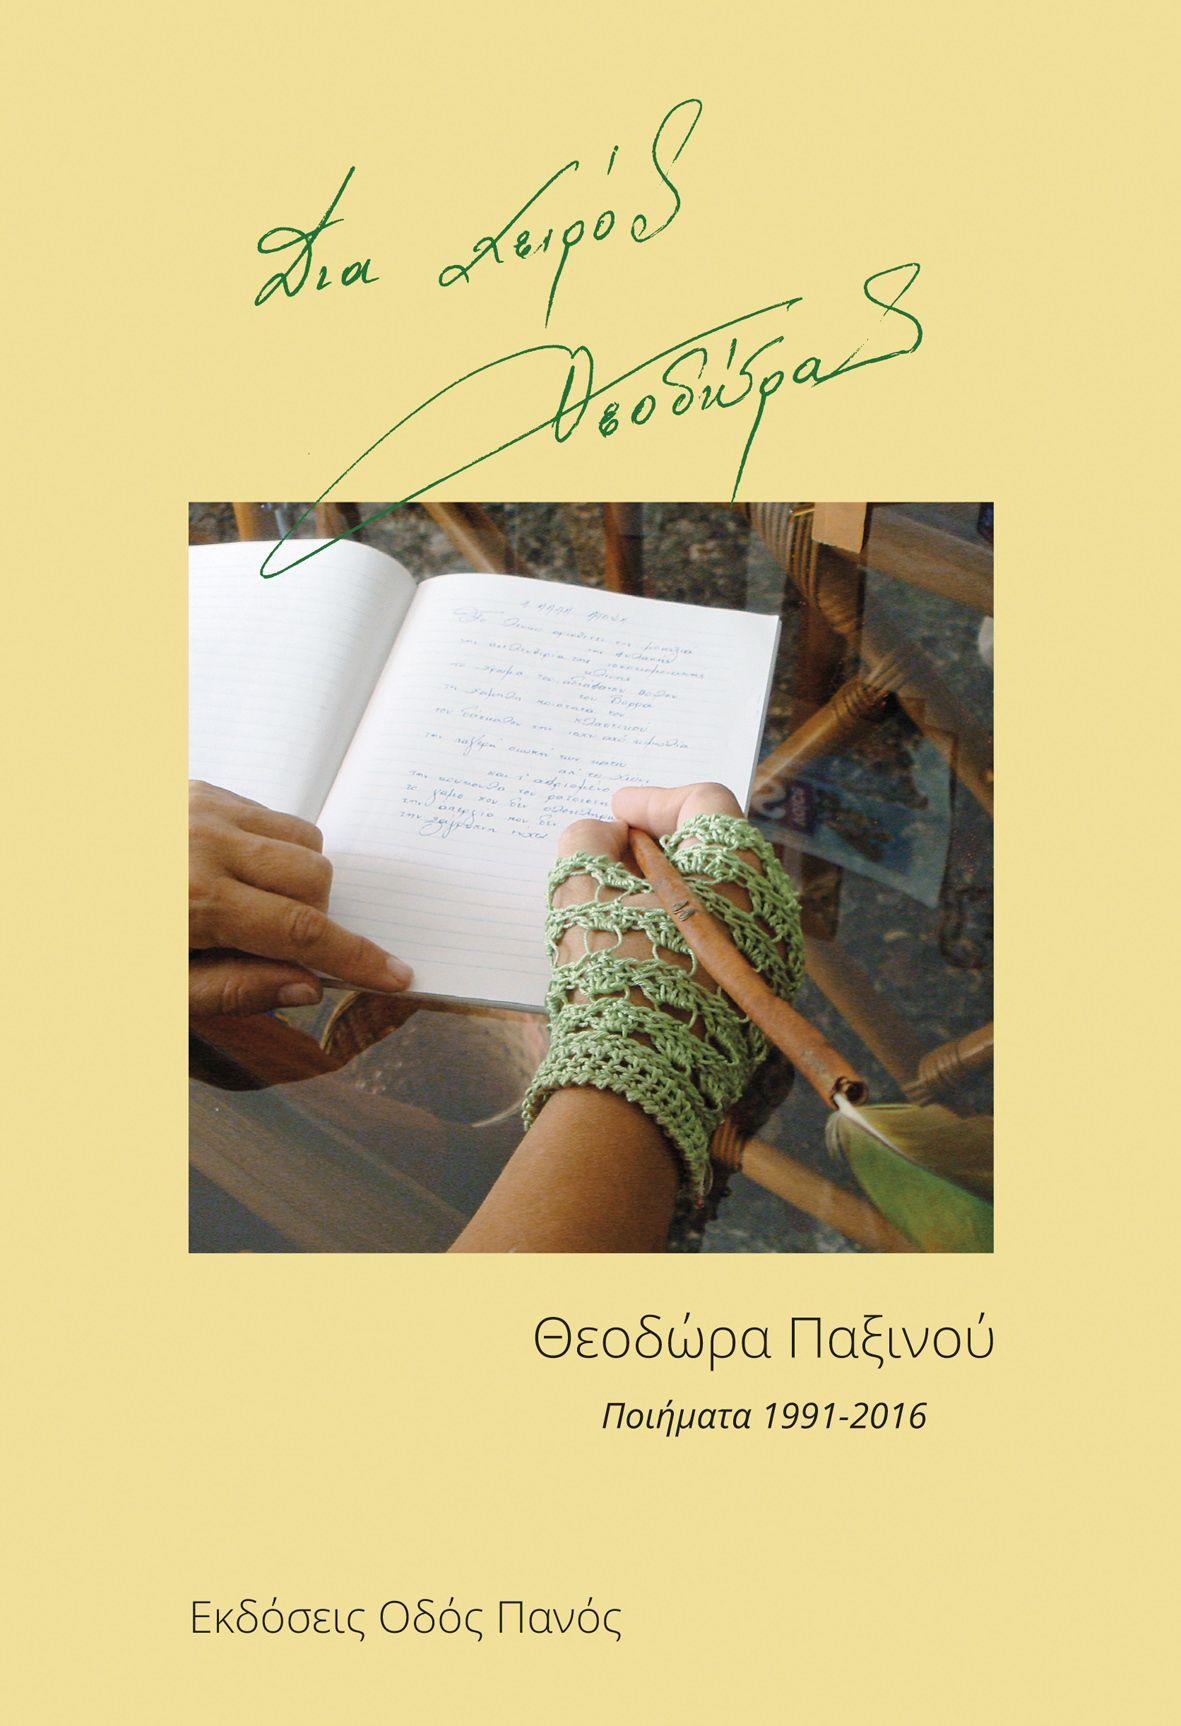 eb29b116e31 Ζαχαρίας Λαουτίδης: Τα ρέστα μου   Εκδόσεις Σιγαρέτα